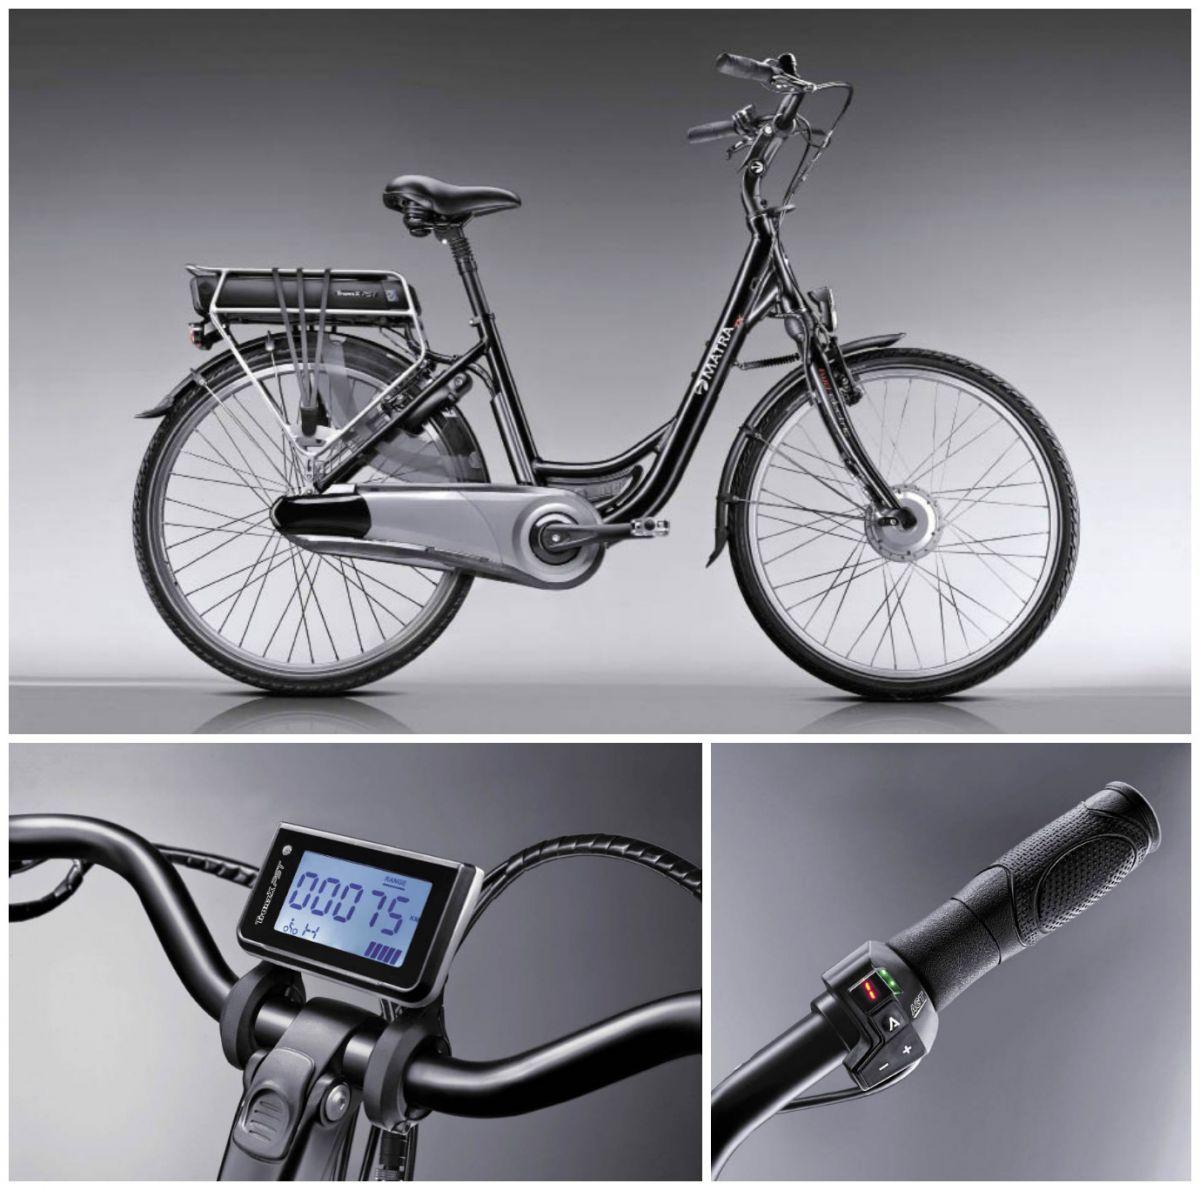 Parmi sa gamme, Matra propose son TX AGT, un vélo de ville qui intègre son moteur électrique dans la roue avant. La batterie amovible doit être chargée 7 heures pour une autonomie moyenne de 65 km.